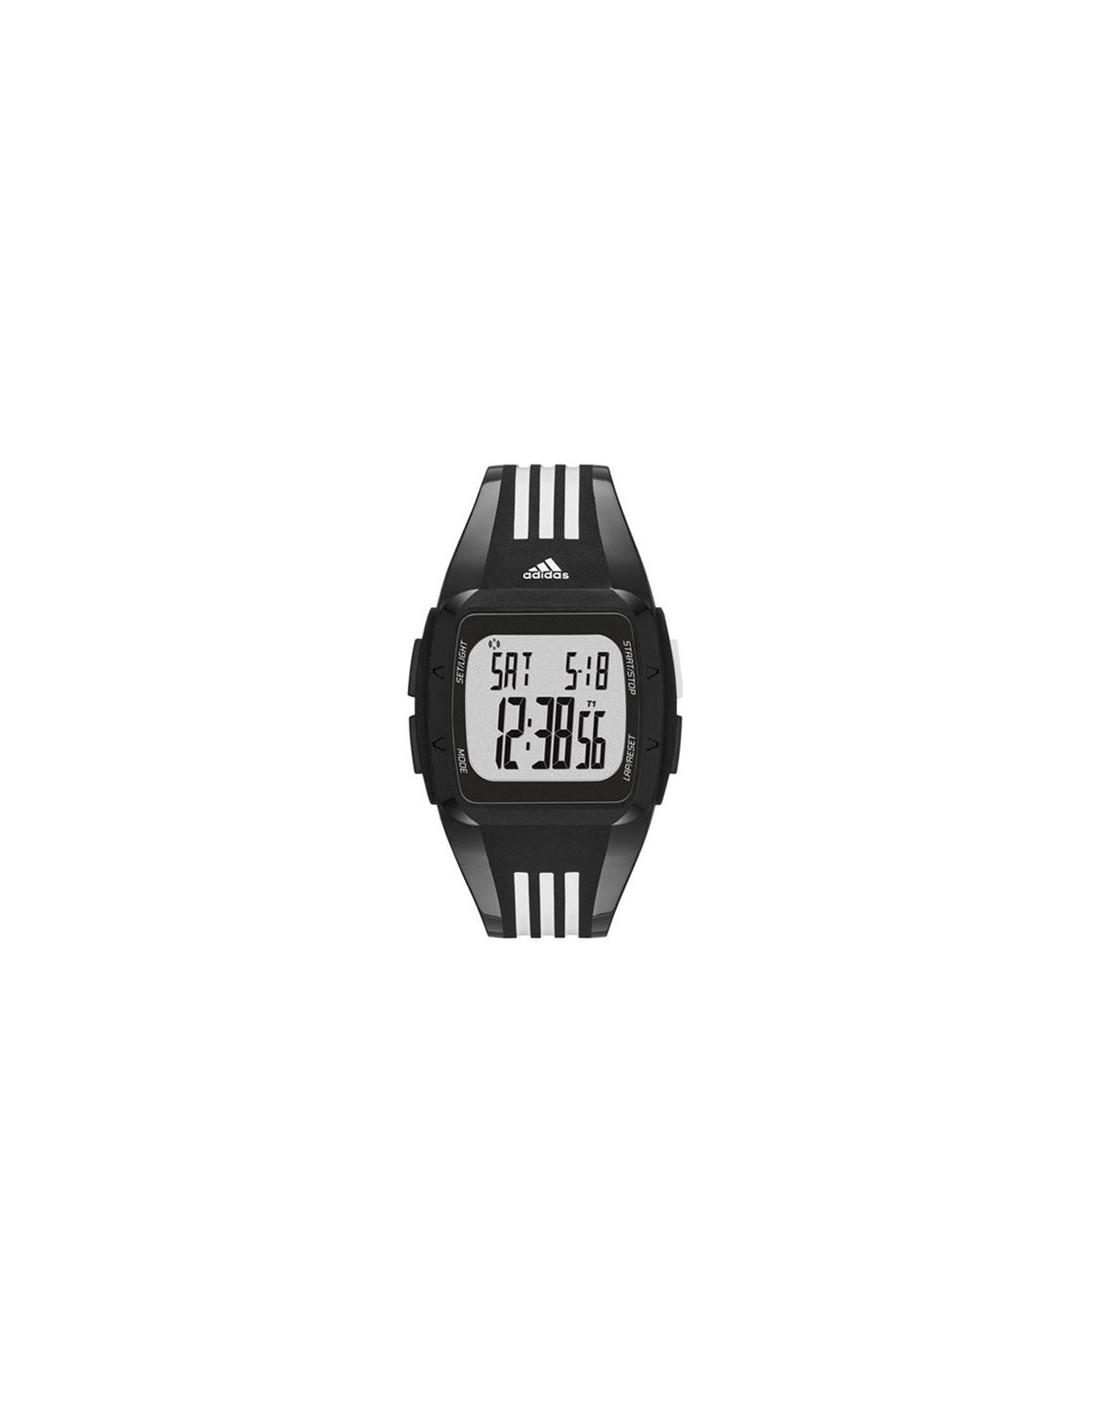 favorito luz de sol estoy sediento  ADP6093 | New Adidas Duramo Small Watch ADP6093